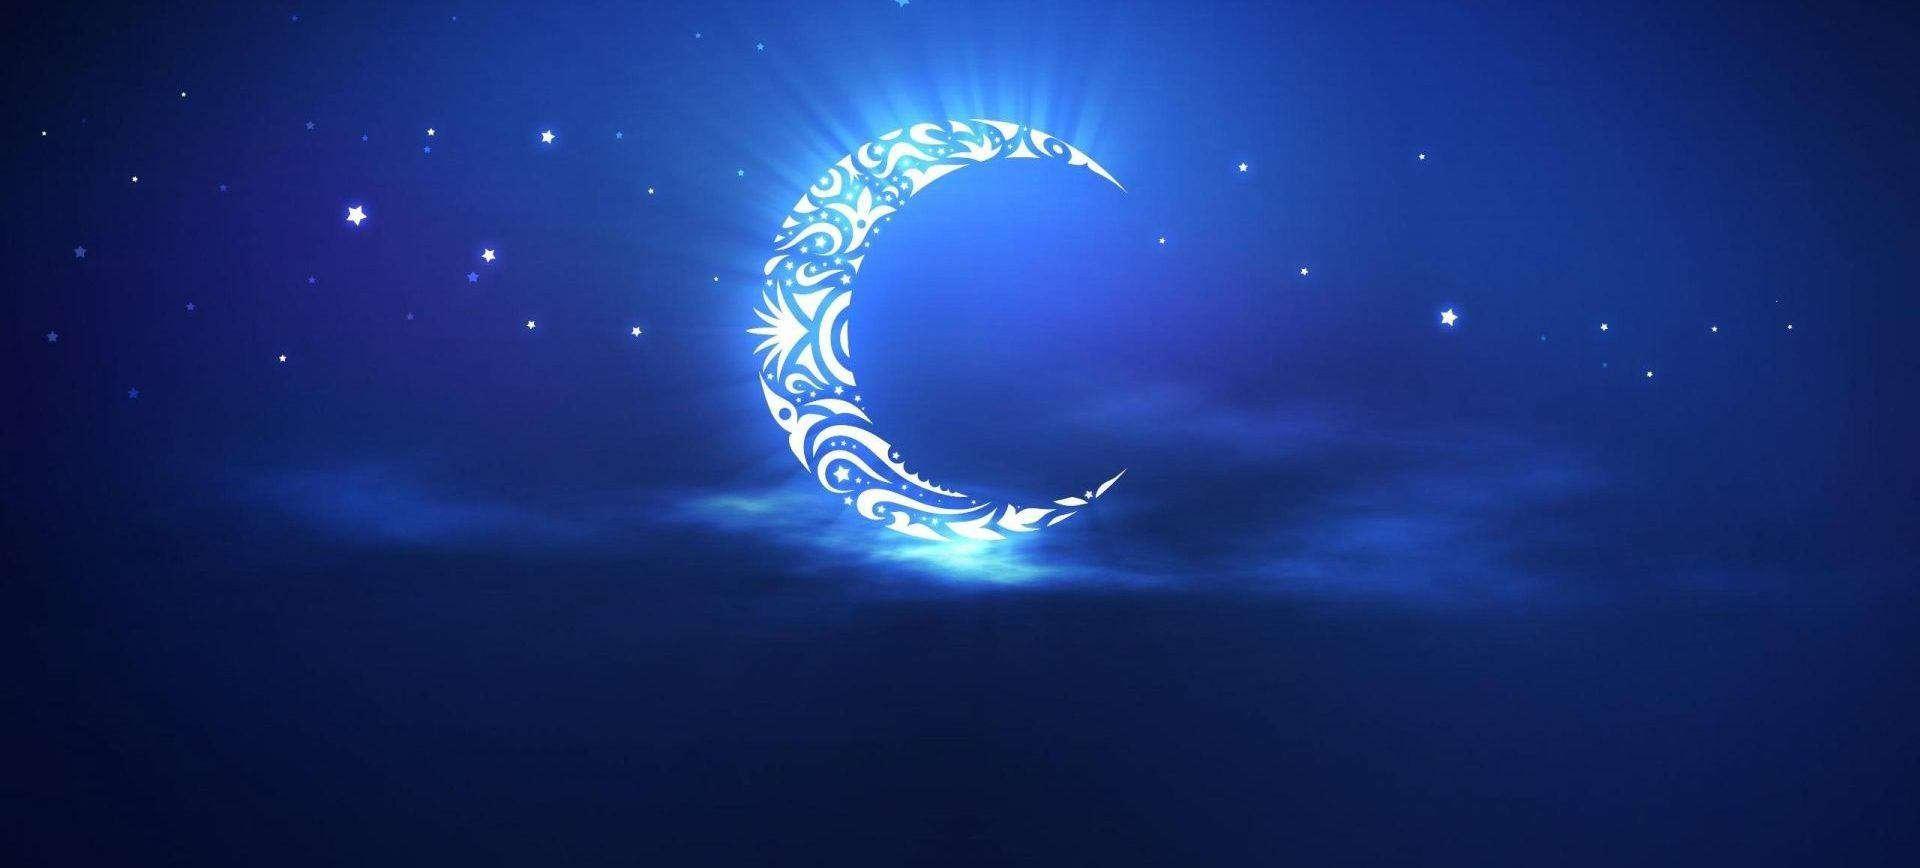 20170529 odette289135 id126406 imagen 6 - Posición de la Luna en el zodiaco - hermandadblanca.org